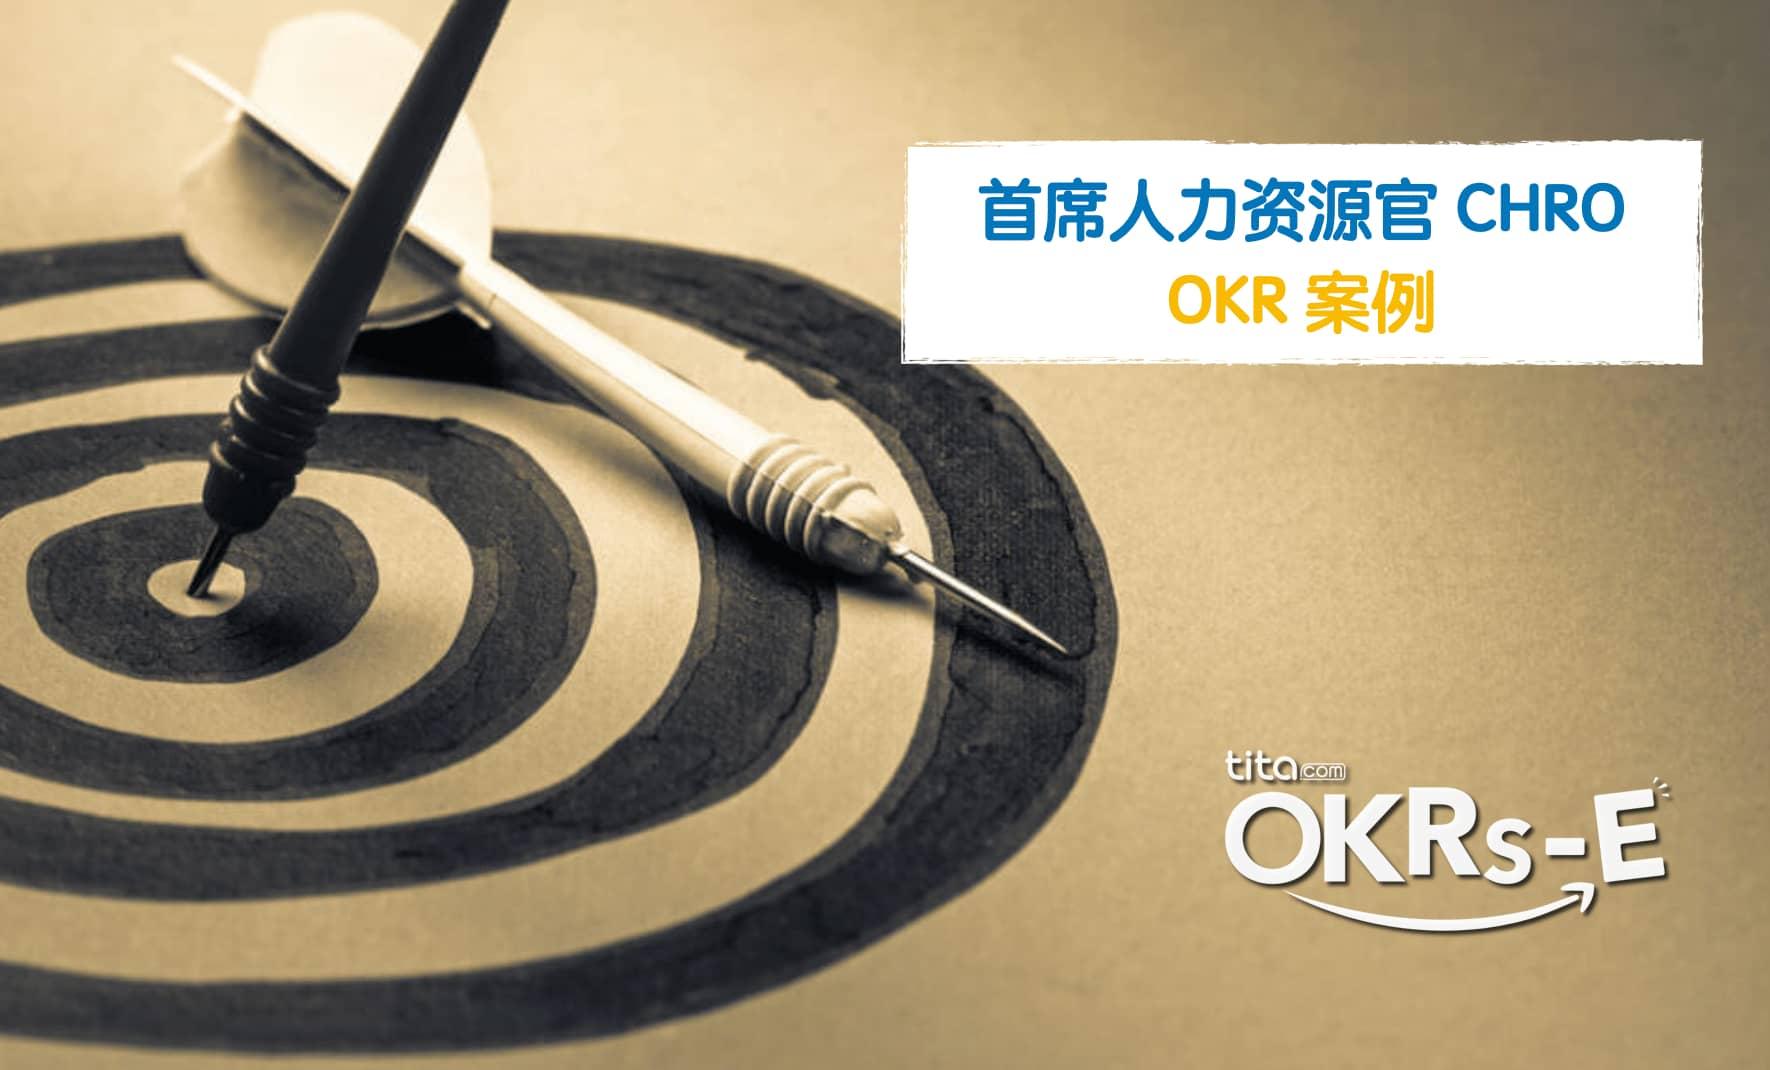 首席人力资源官 CHRO 的 OKR案例,成为这个时代的英雄